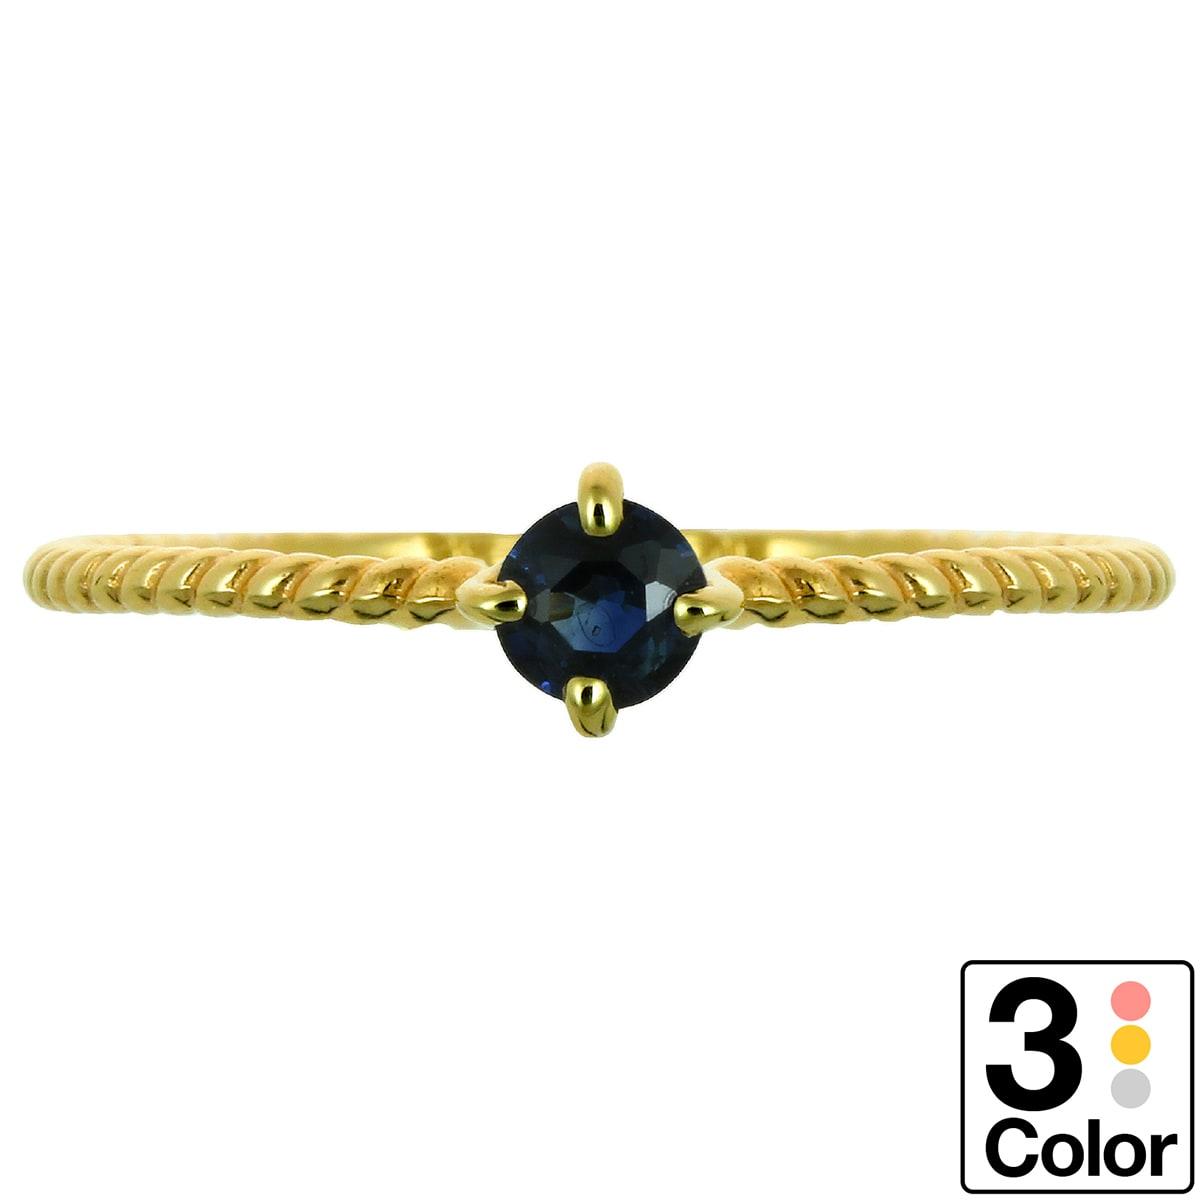 サファイア 9月誕生石 リング k18 イエローゴールド/ホワイトゴールド/ピンクゴールド ファッションリング 品質保証書 金属アレルギー 日本製 誕生日 ギフト